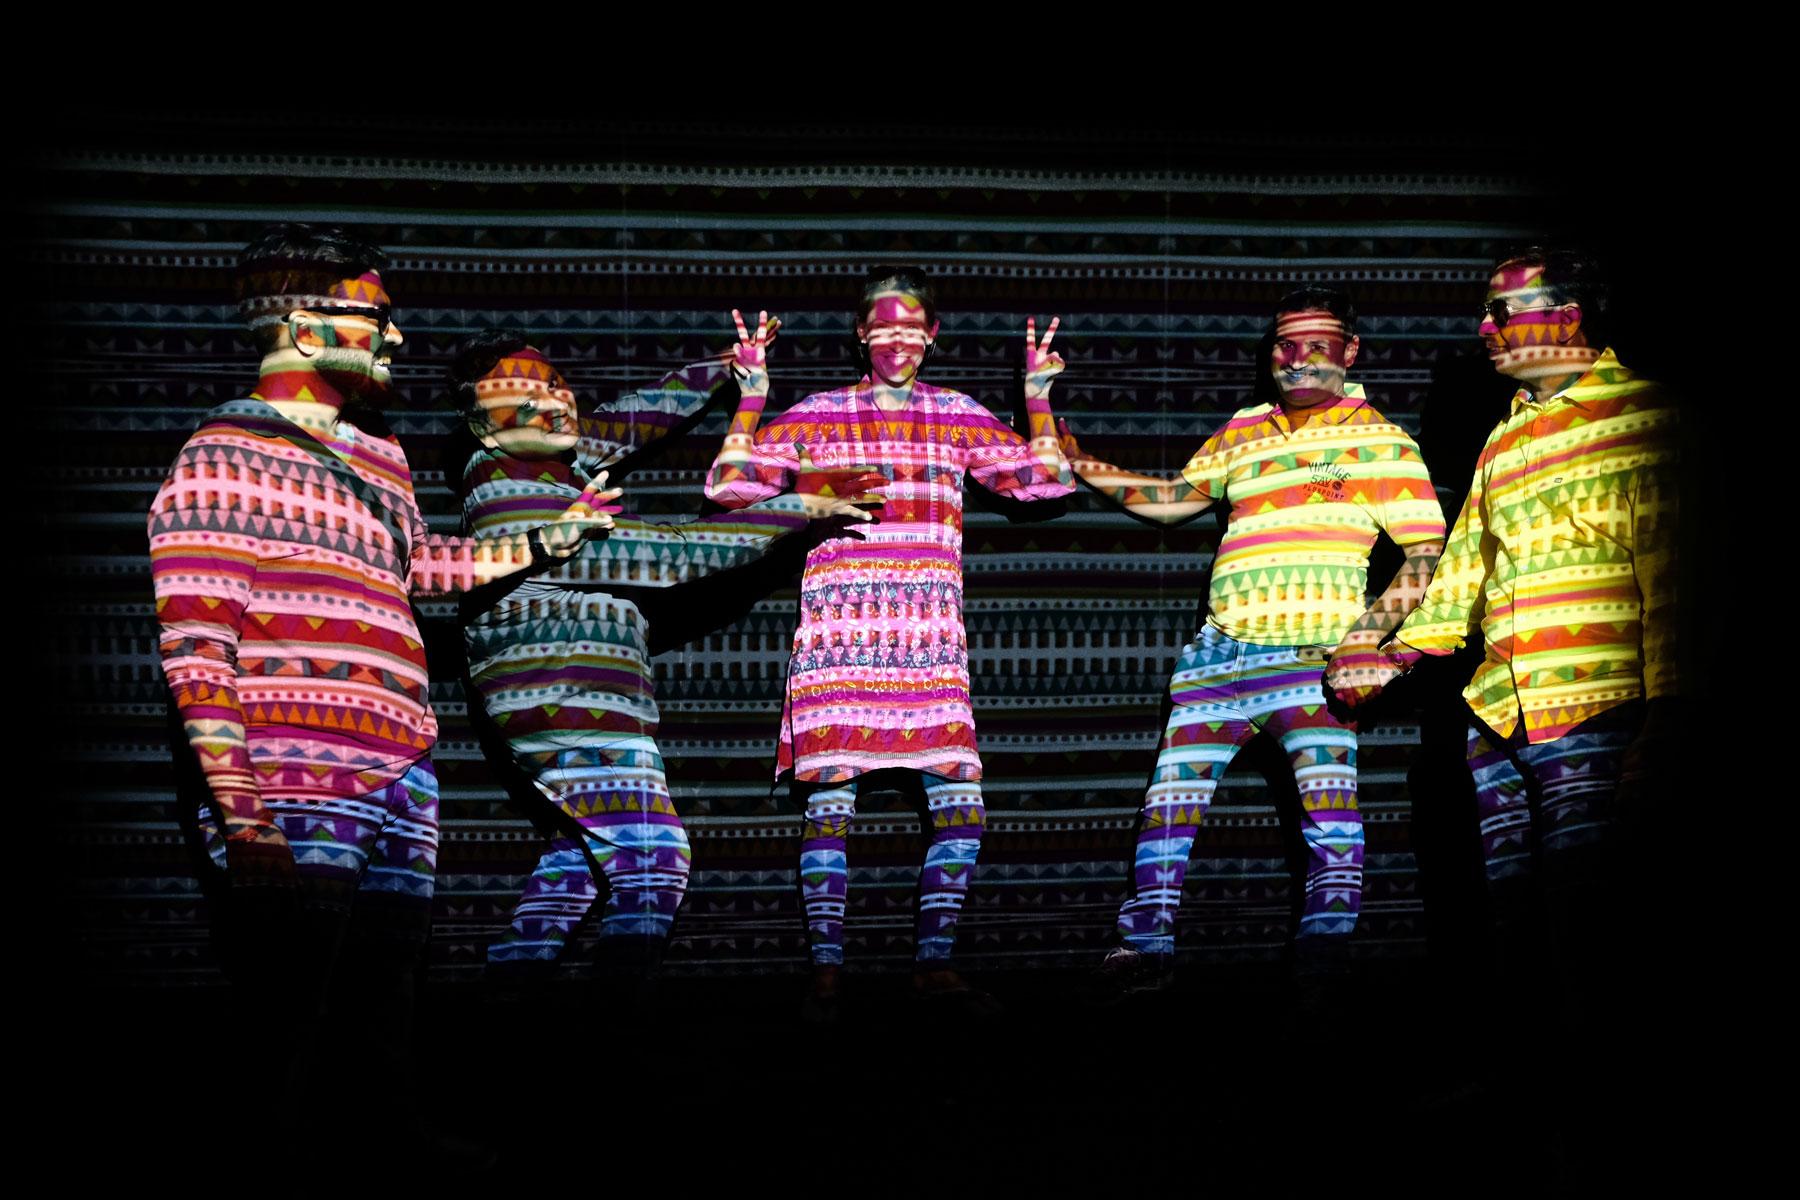 Leo und indische Männer in buntem Scheinwerferlicht.